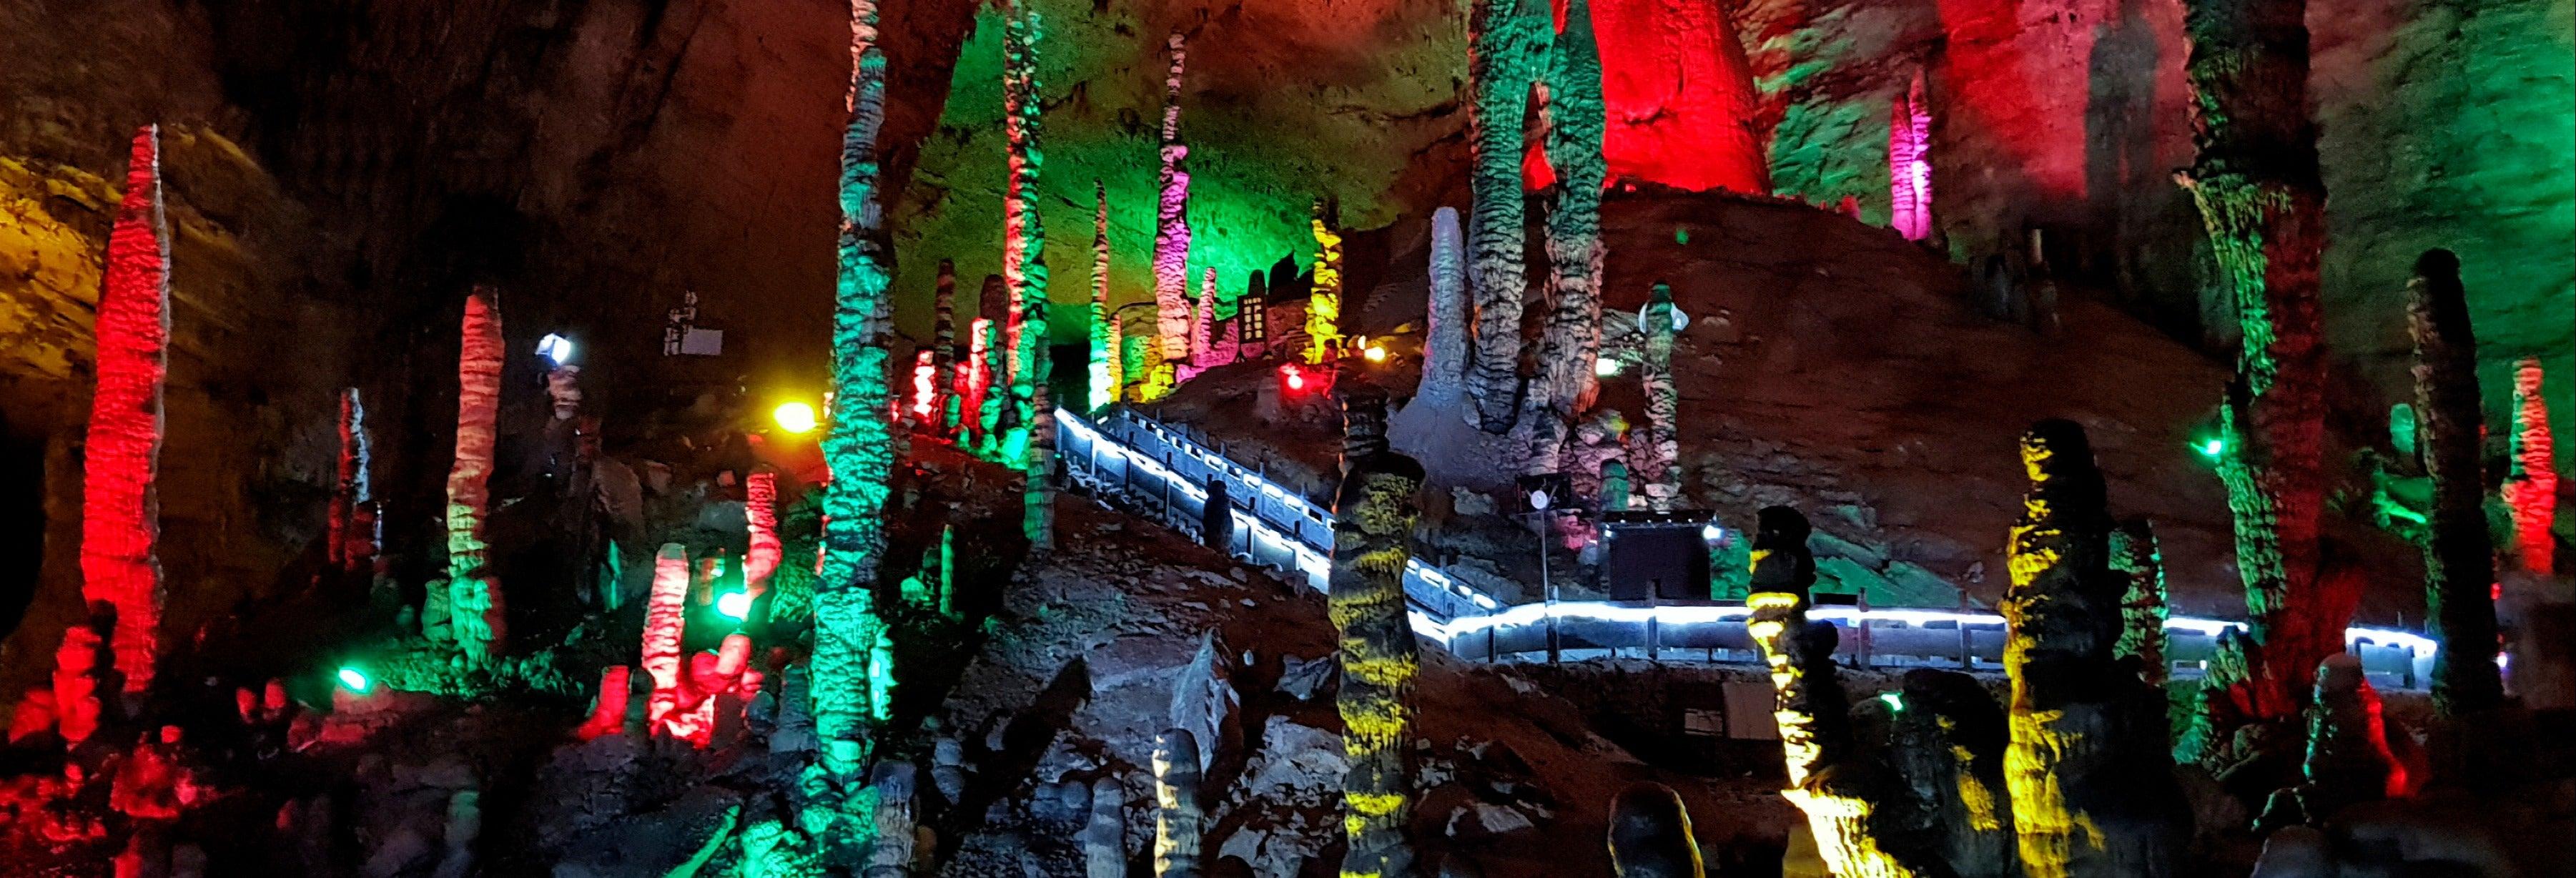 Escursione privata al Gran Canyon + Grotta del Drago Giallo